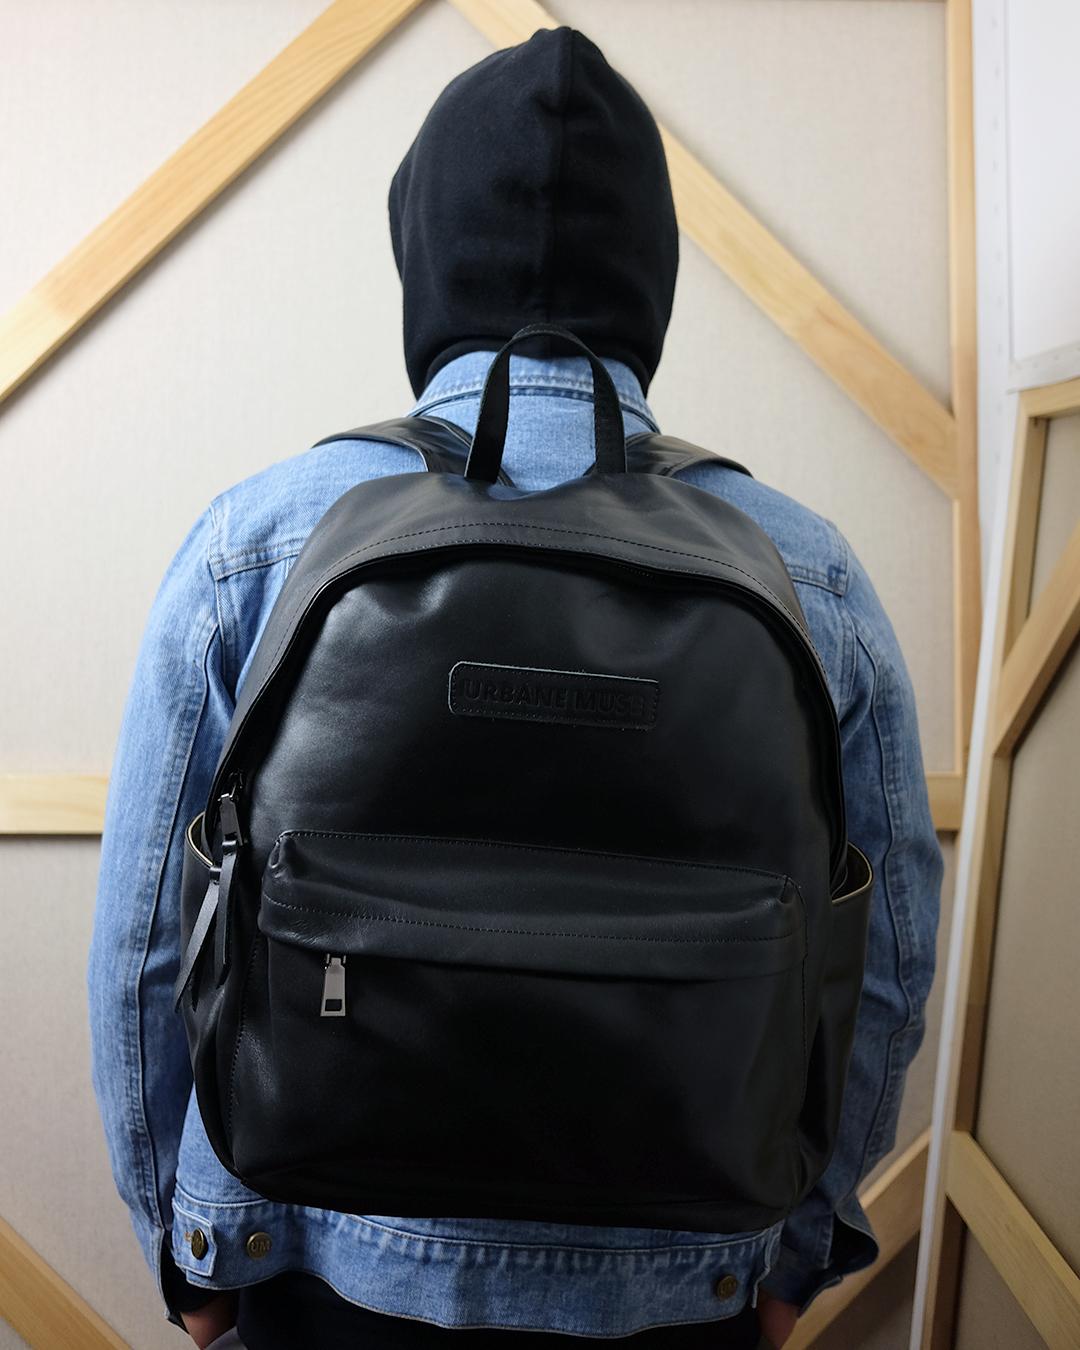 photo-2-Modeling-Black-Leather-Backpack-URBANE-MUSE-CHRIS-SMITH